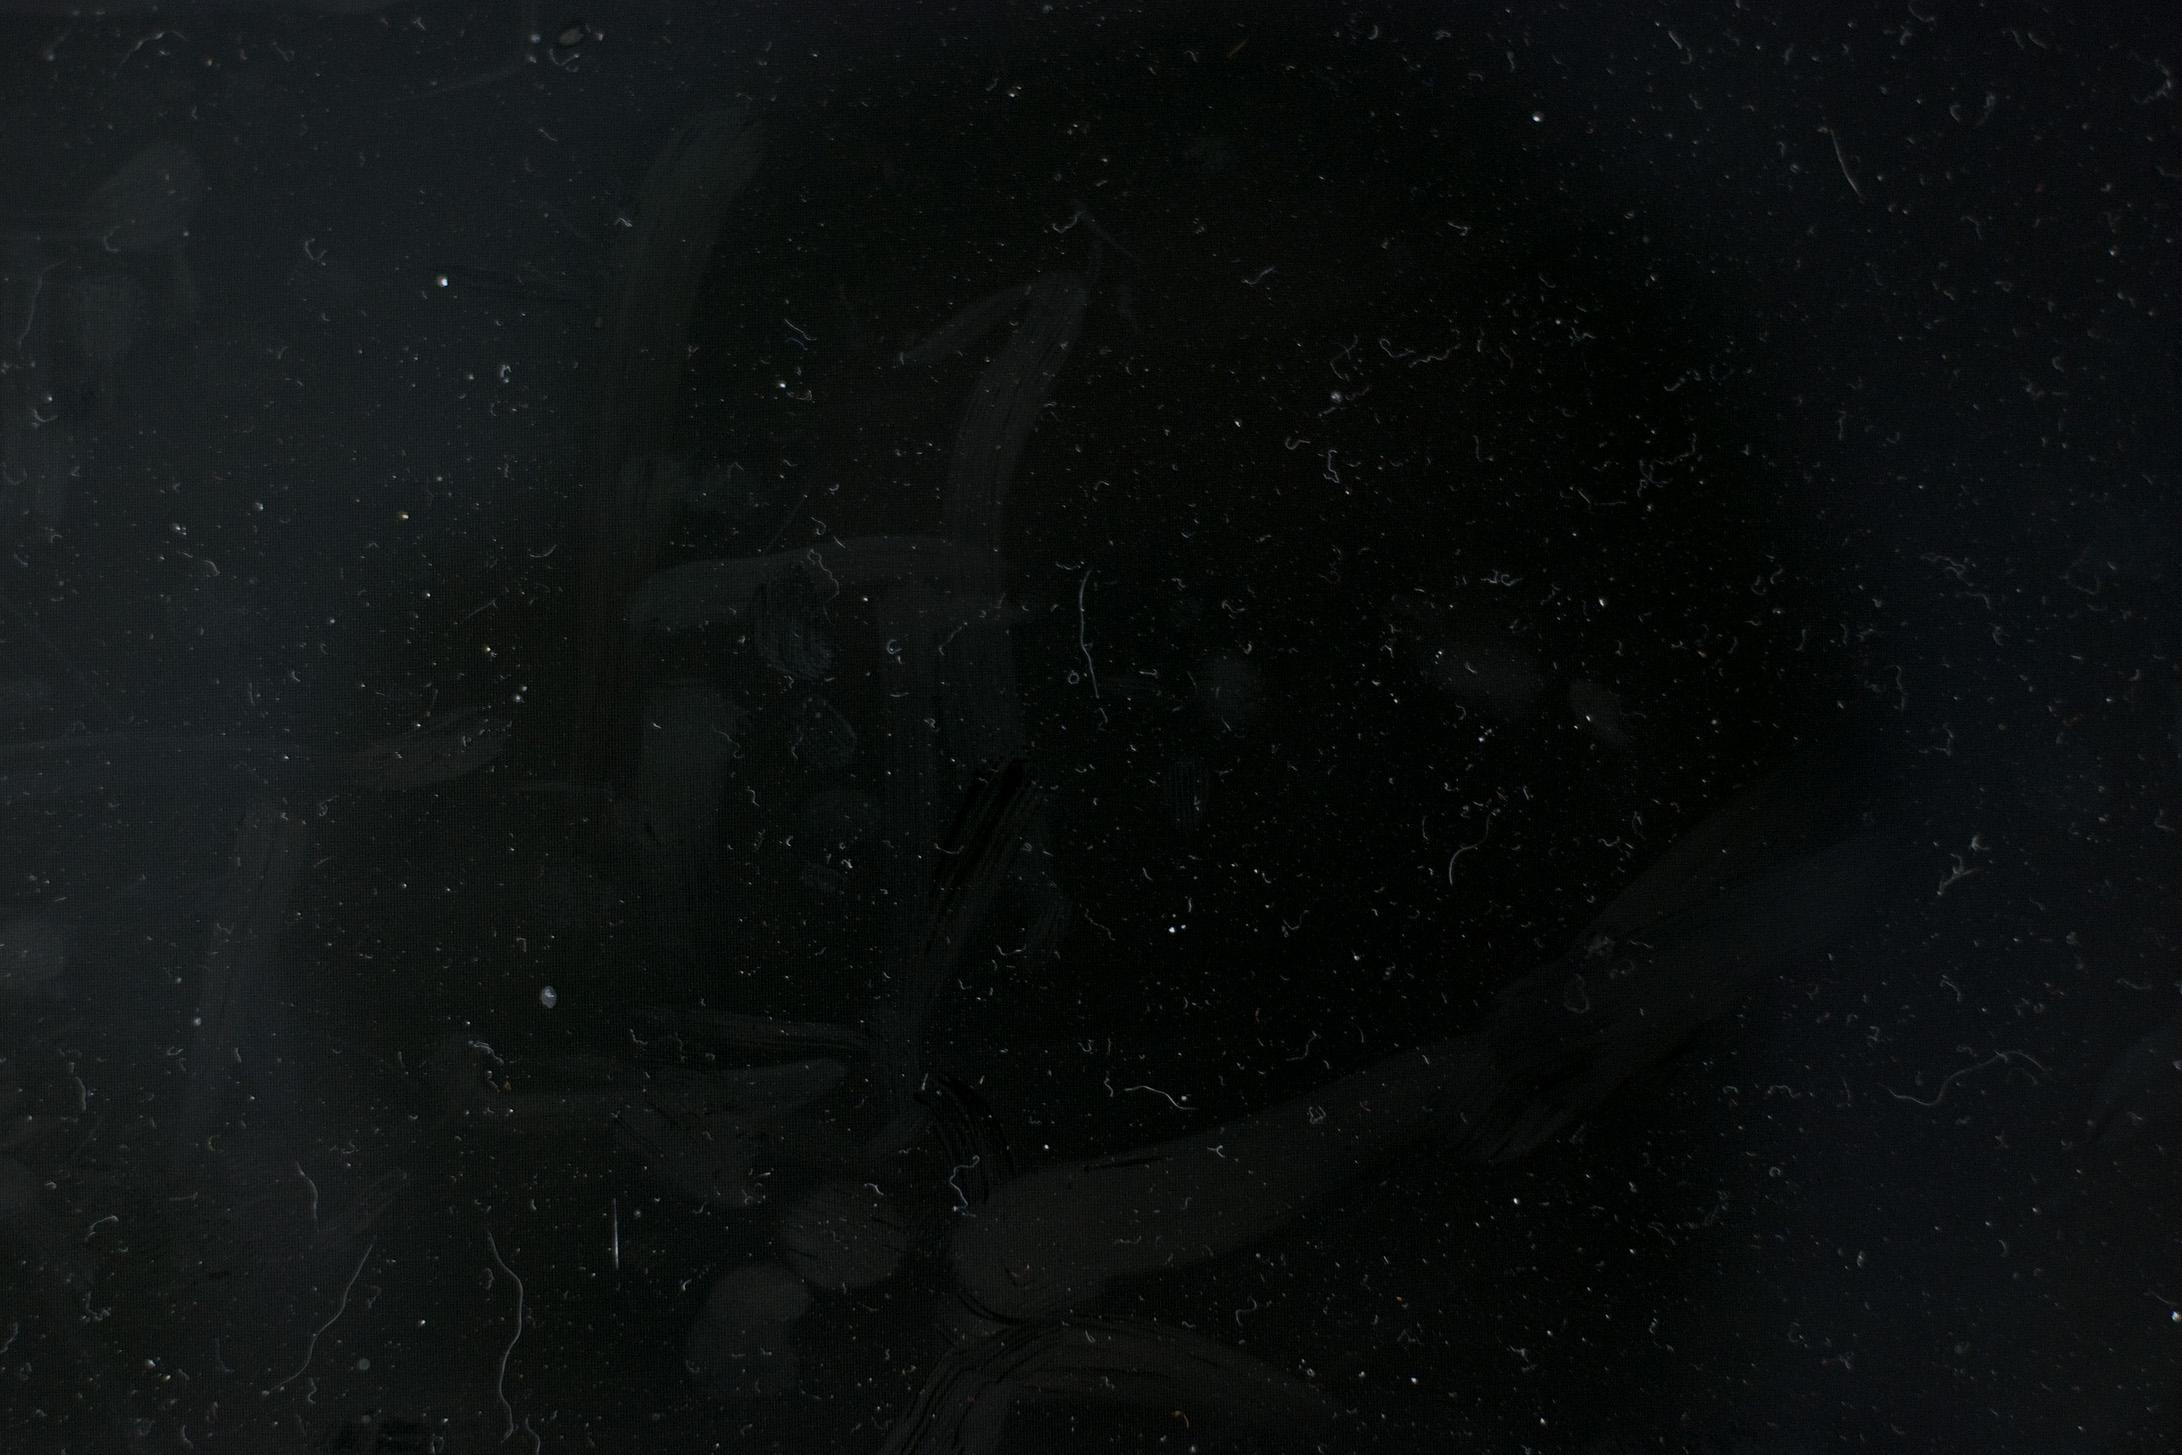 Dusty Textures | The Darkroom